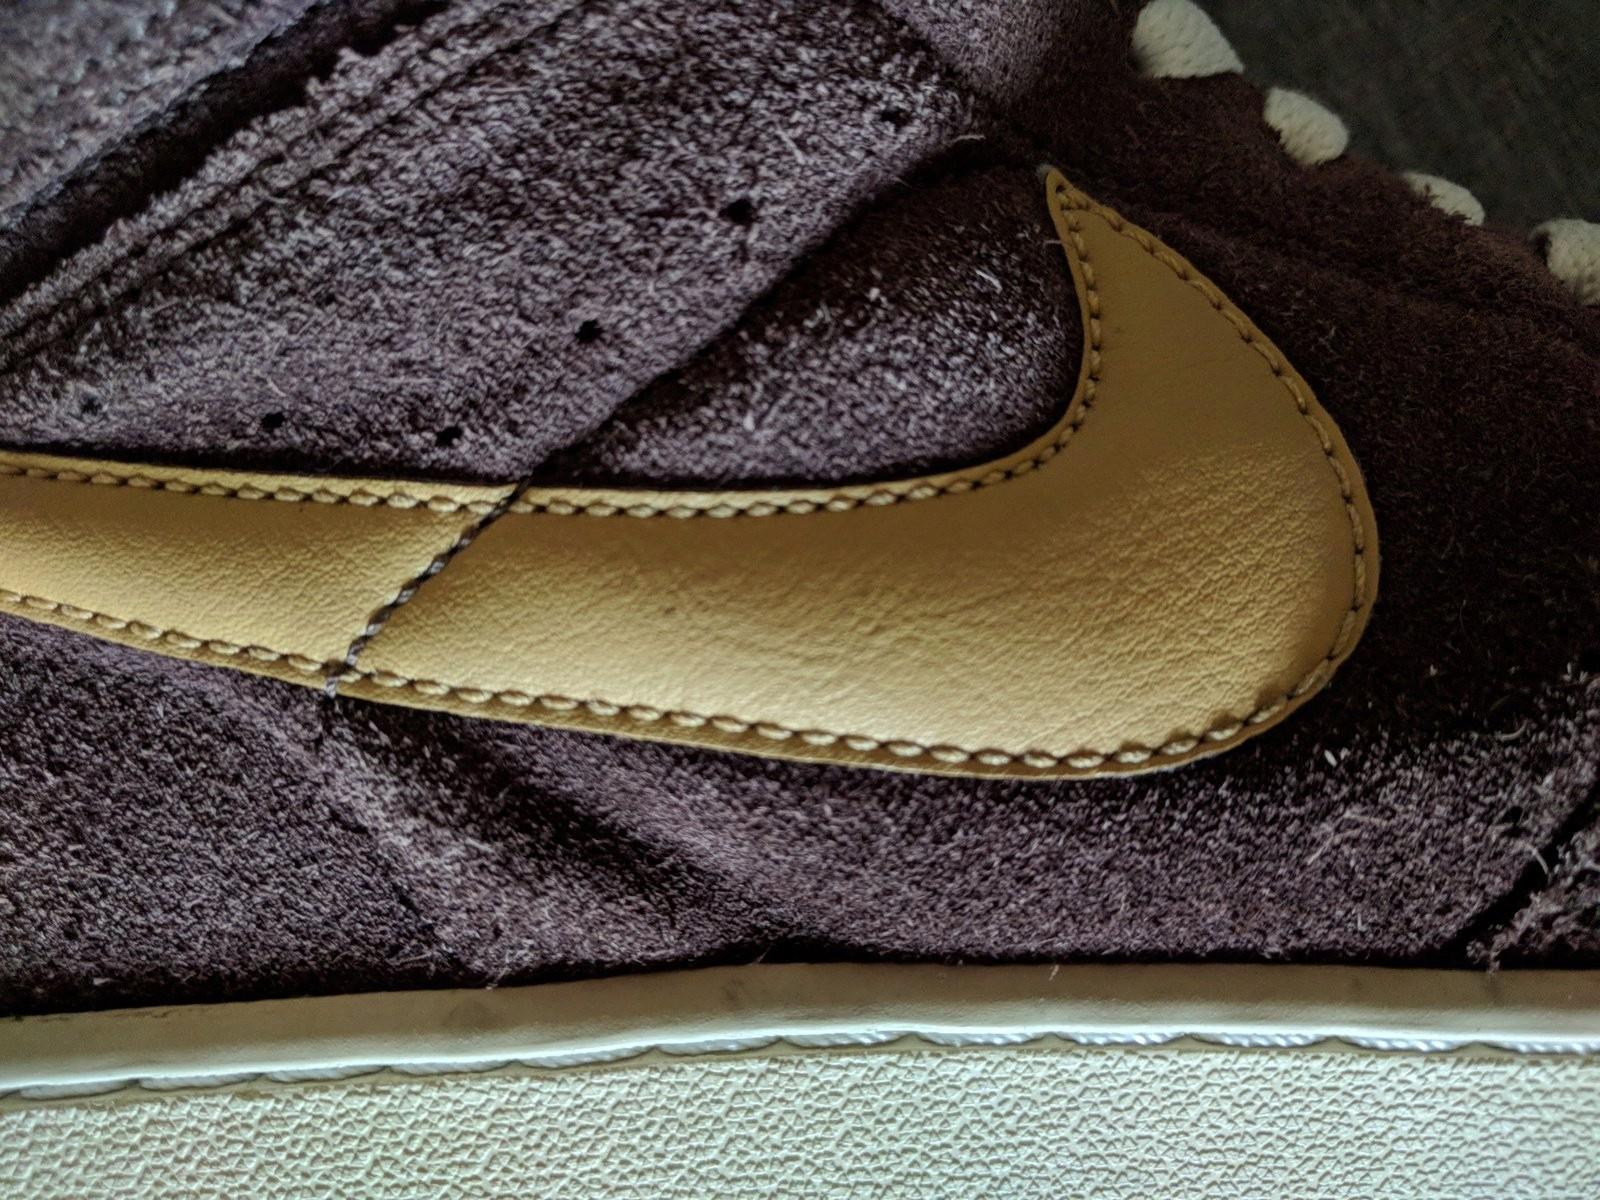 Buty Nike zamsz brązowe 42 26,5 cm